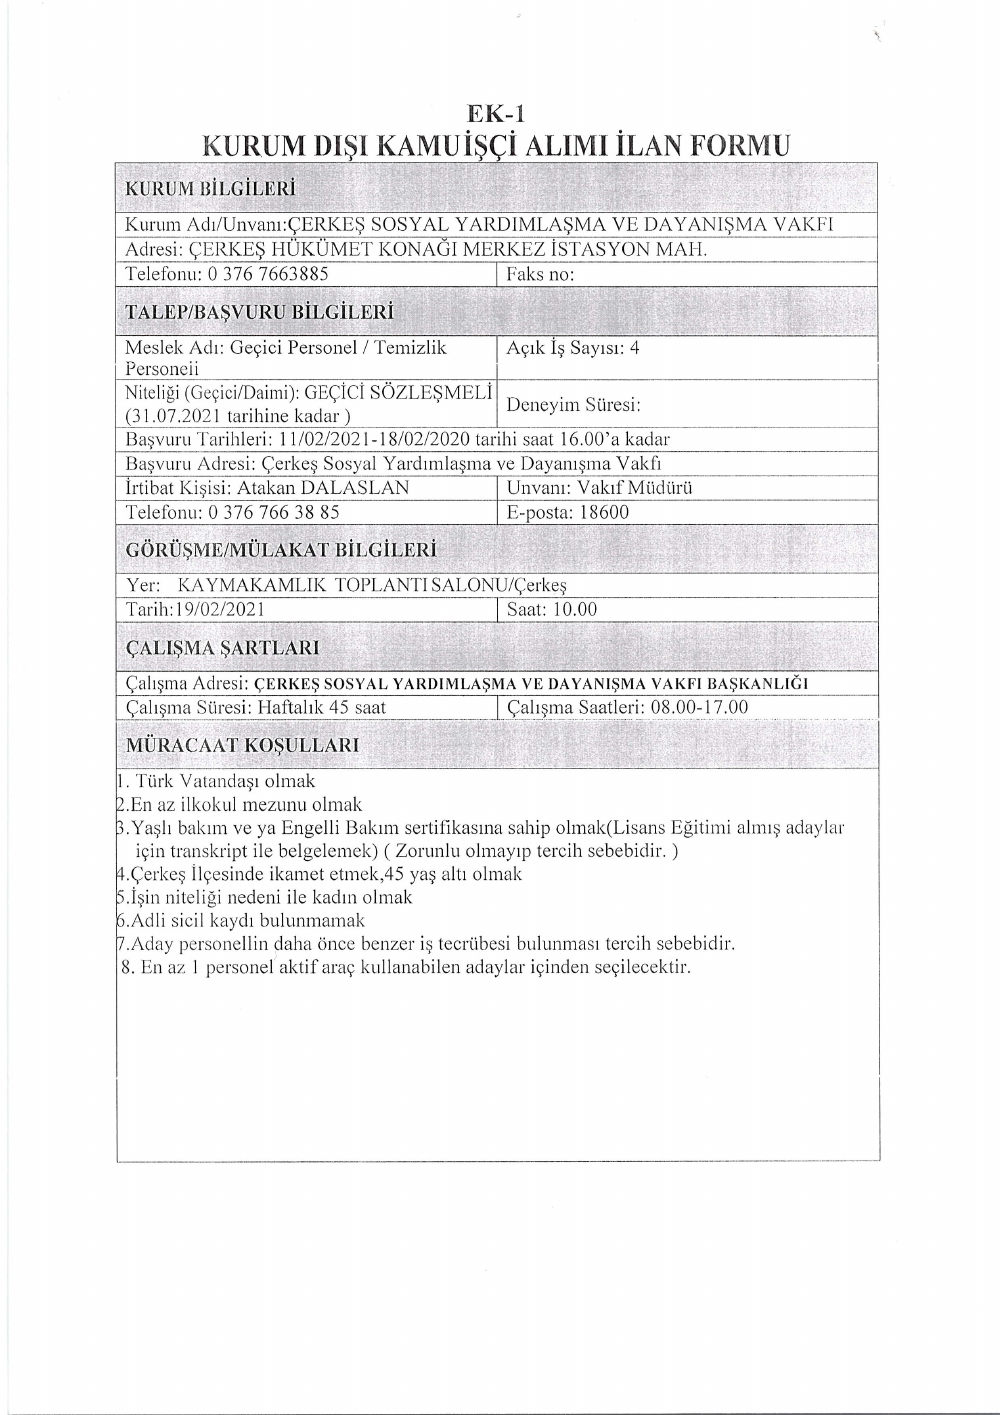 cankiri-cerkes-sydv-18-02-2021-000001.png